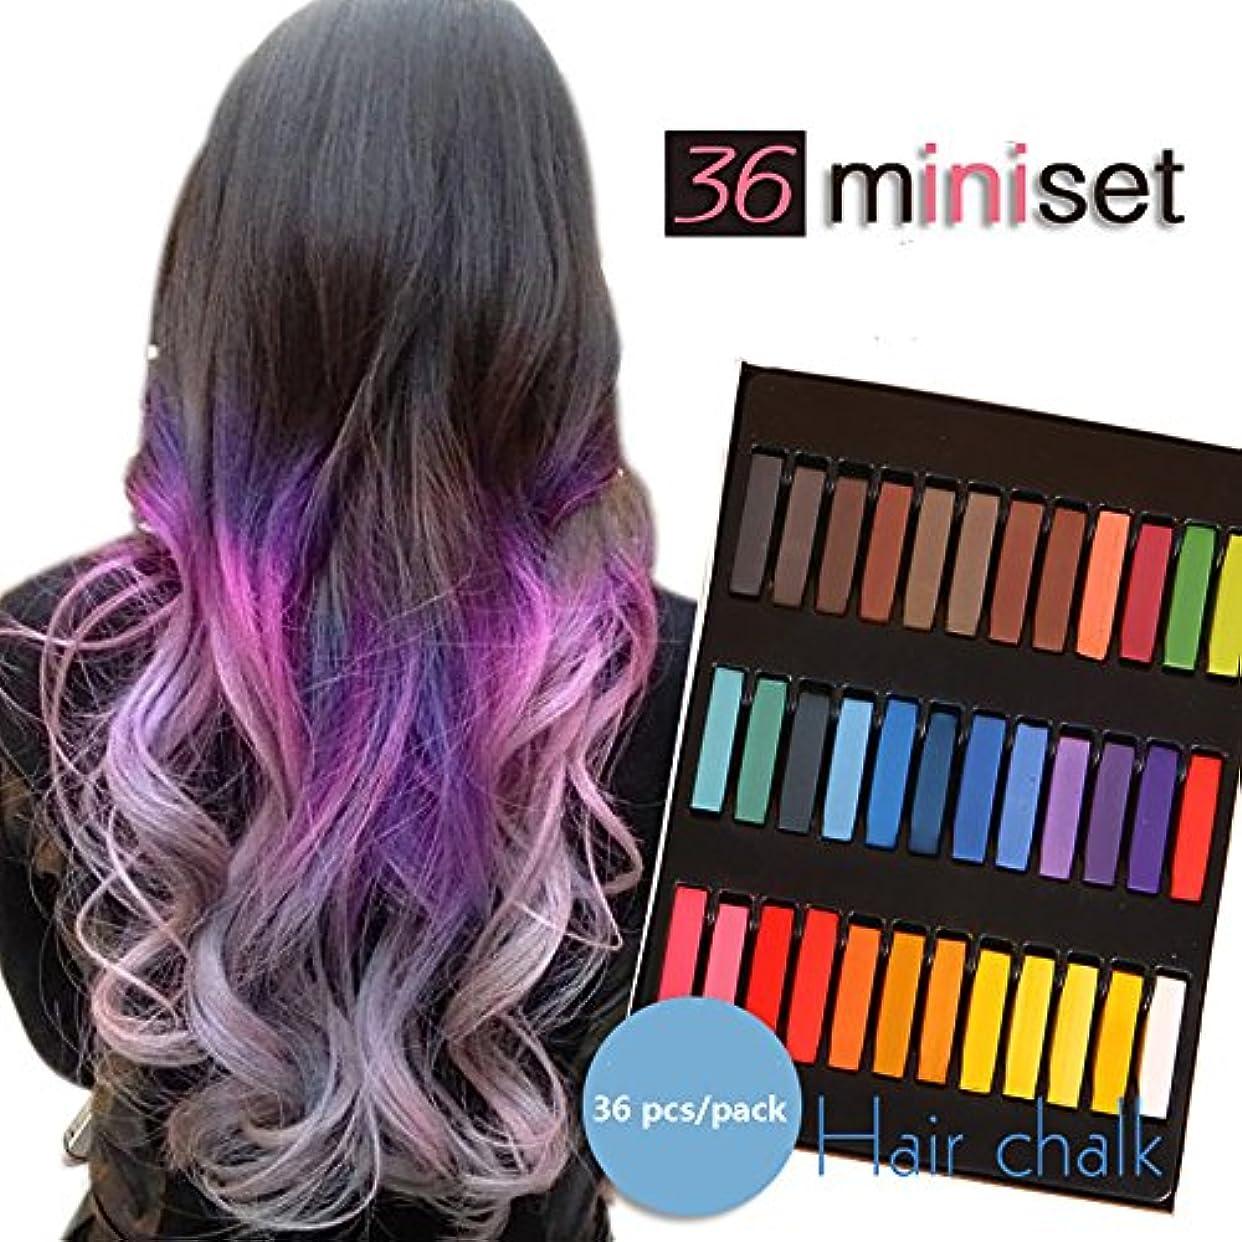 統計的葉っぱ挨拶する大ブレイク中!HAIR CHALKIN 選べる 6色/12色/24色/36色 髪専用に開発された安心商品! ヘアチョーク ヘアカラーチョーク 一日だけのヘアカラーでイメチェンが楽しめる!美容室のヘアカラーでは表現しづらい...